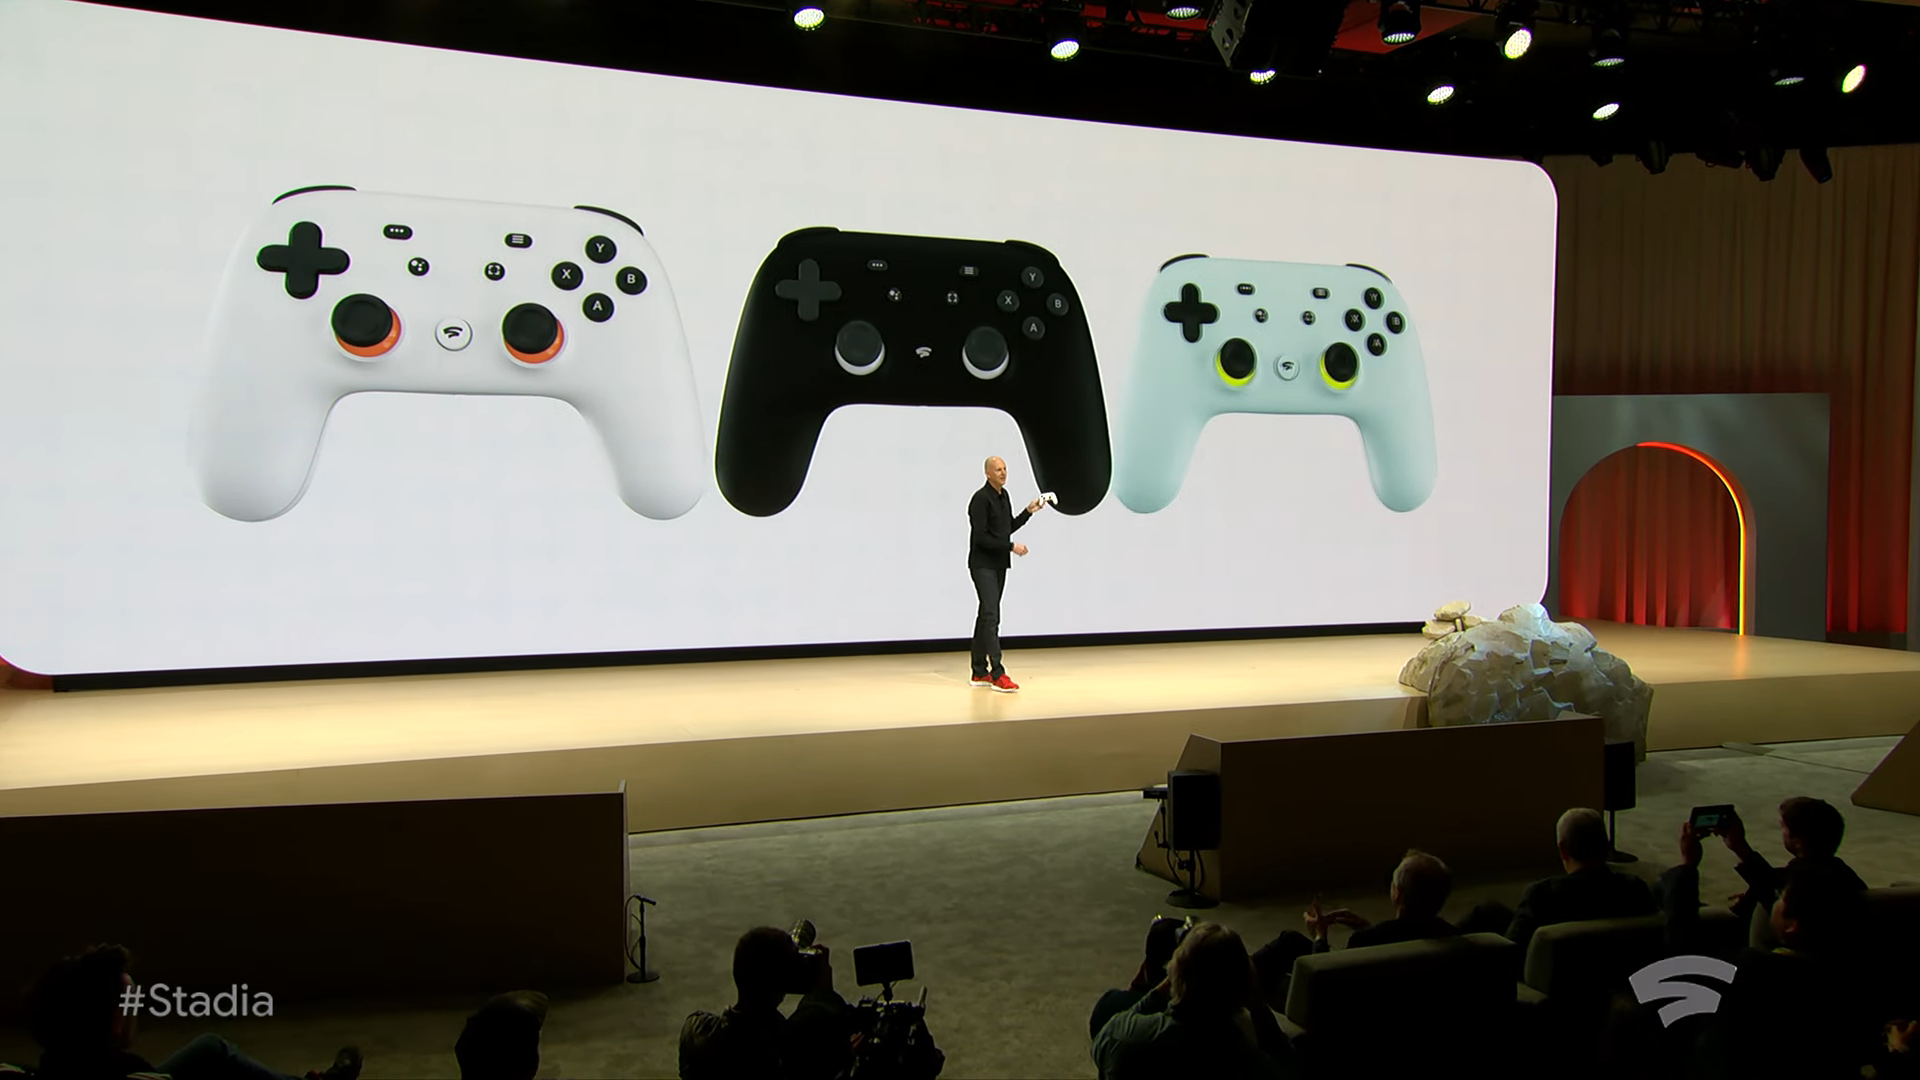 Извините, но все ваши базы принадлежат Google. Презентация Google на Game Development Conference 2019, проект Stadia - 12